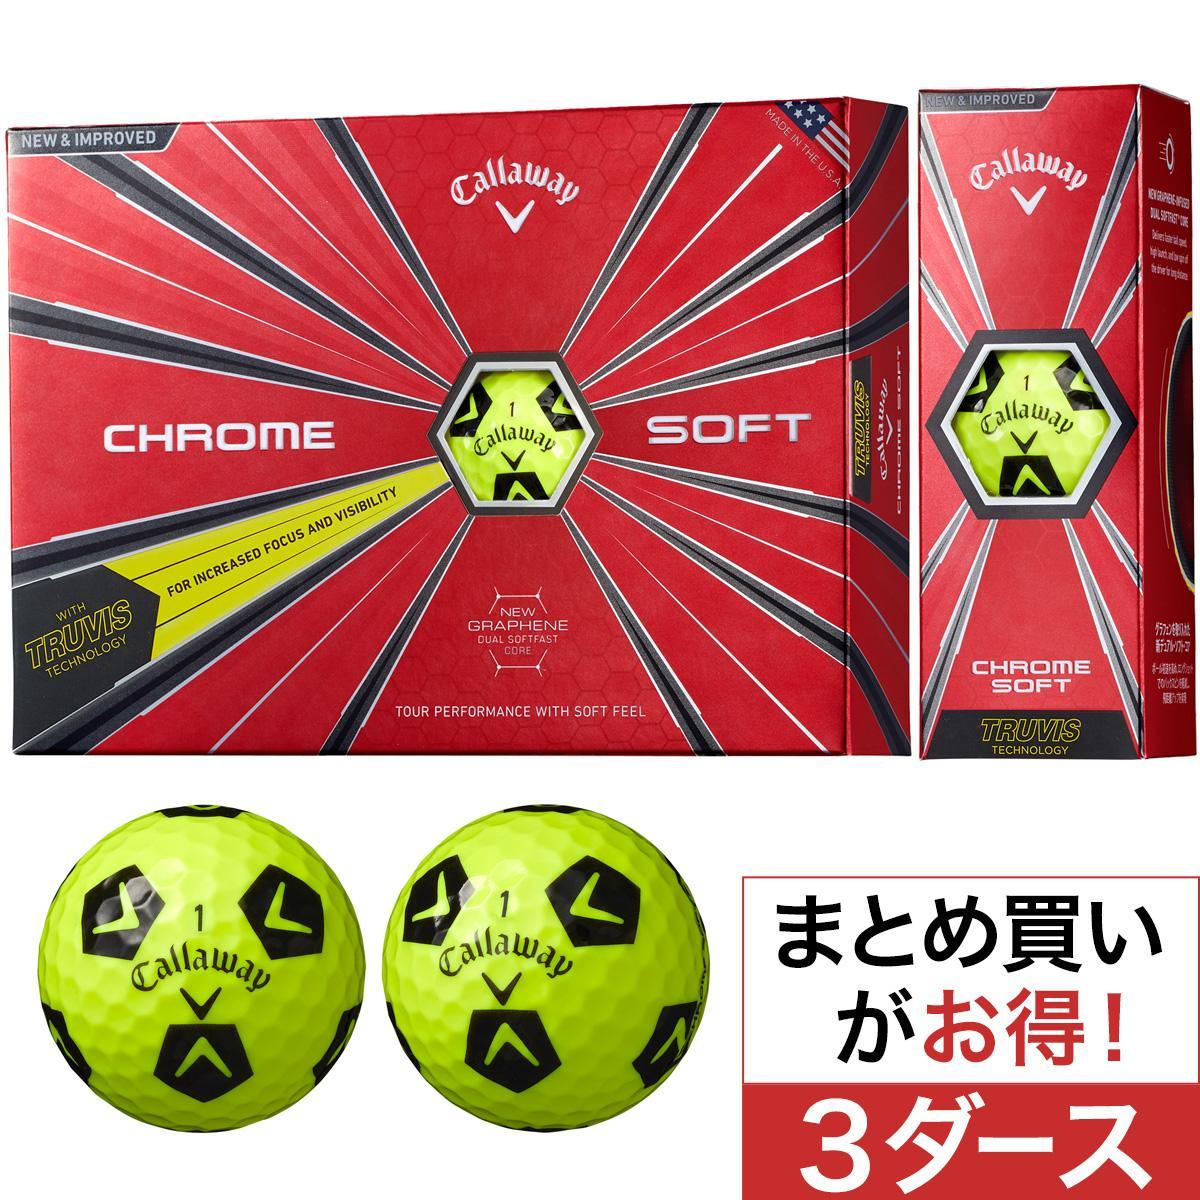 キャロウェイゴルフ CHROM SOFT CHROME SOFT TRUVIS ボール 3ダースセット